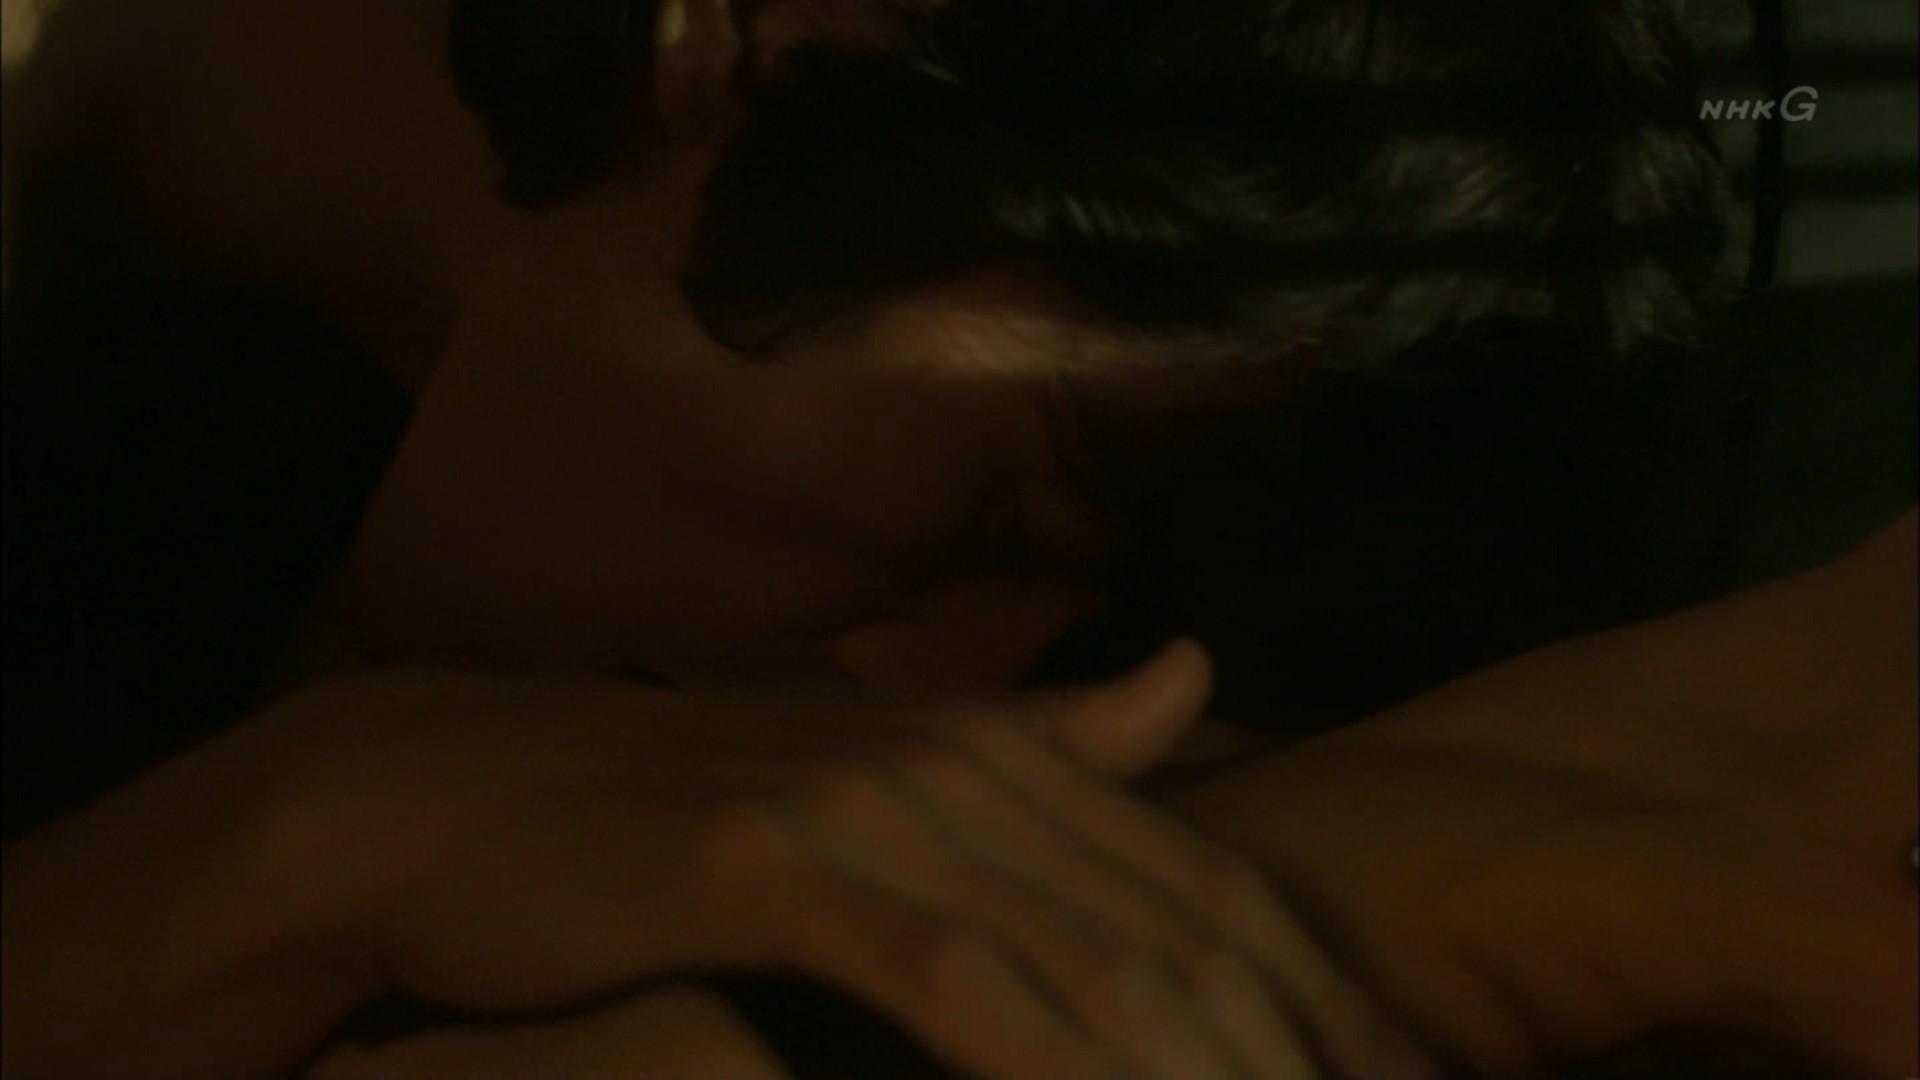 石田ゆり子 NHKのドラマで濃厚ラブシーンキャプ・エロ画像15